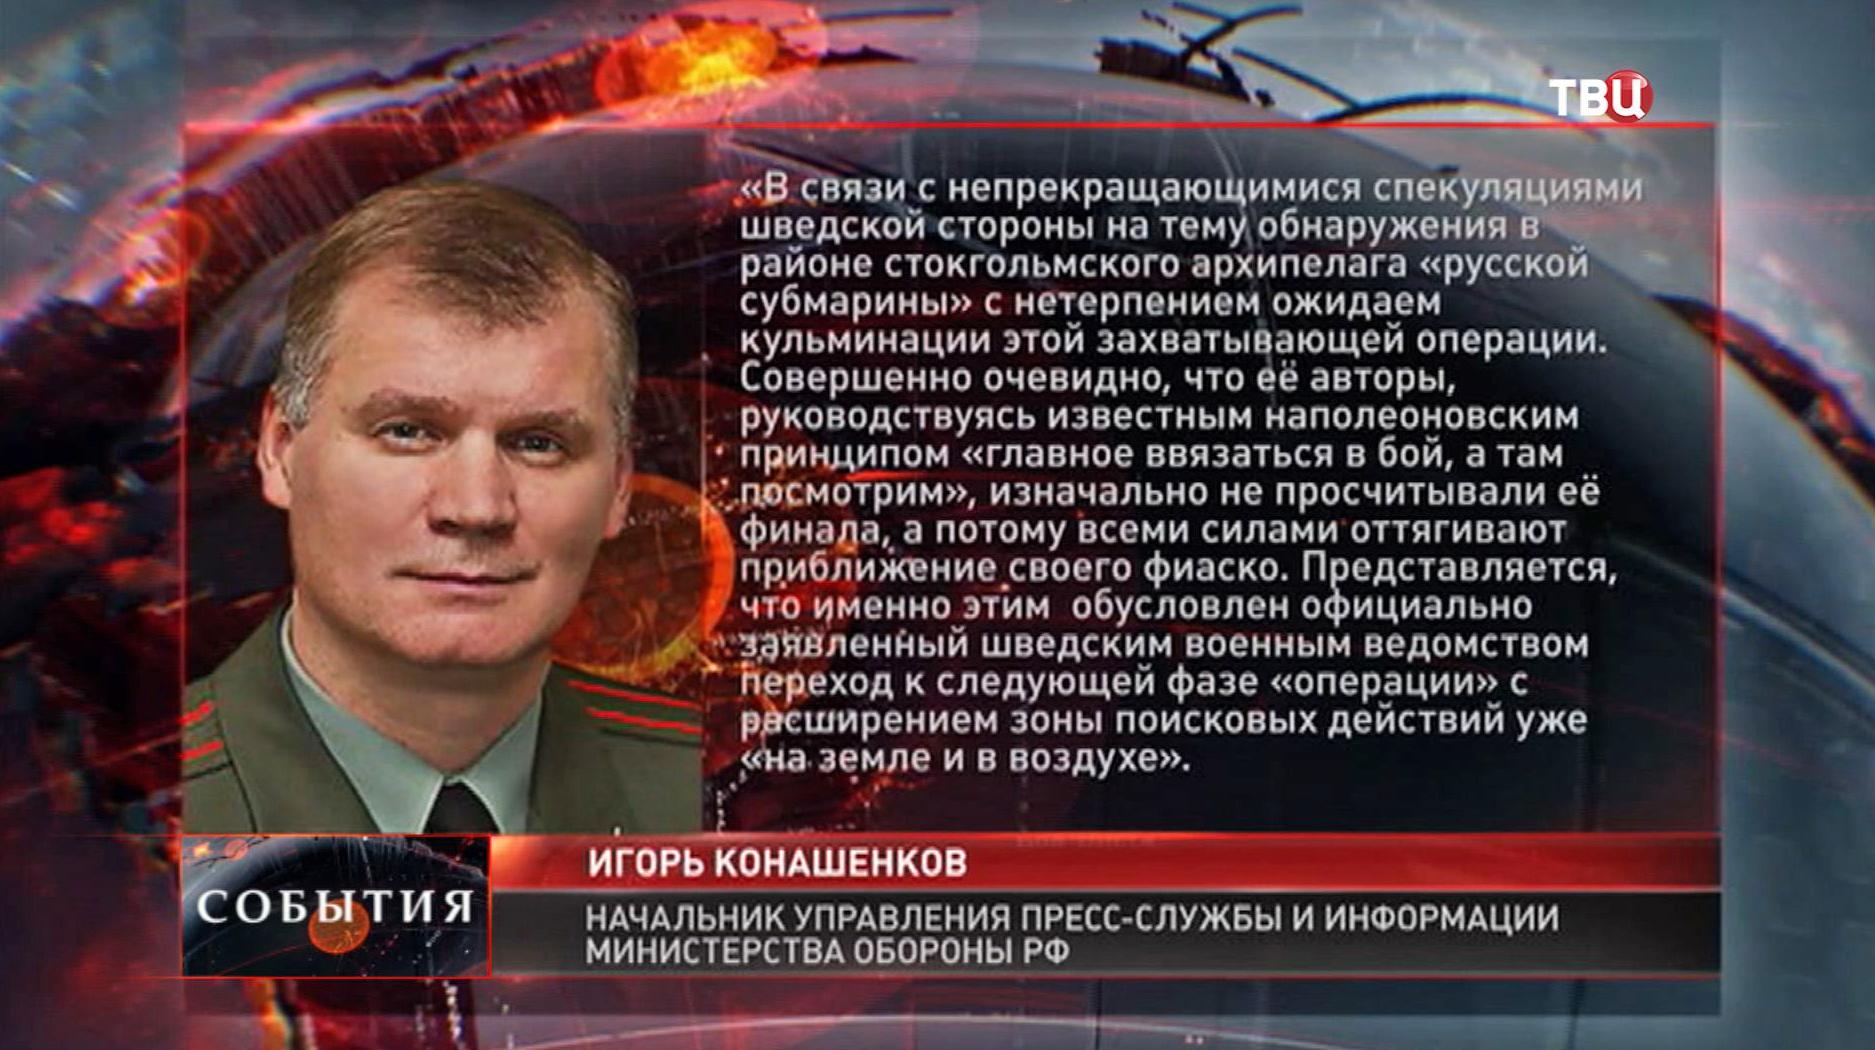 Игорь Конашенков начальник пресс-службы и информации Министерства обороны РФ